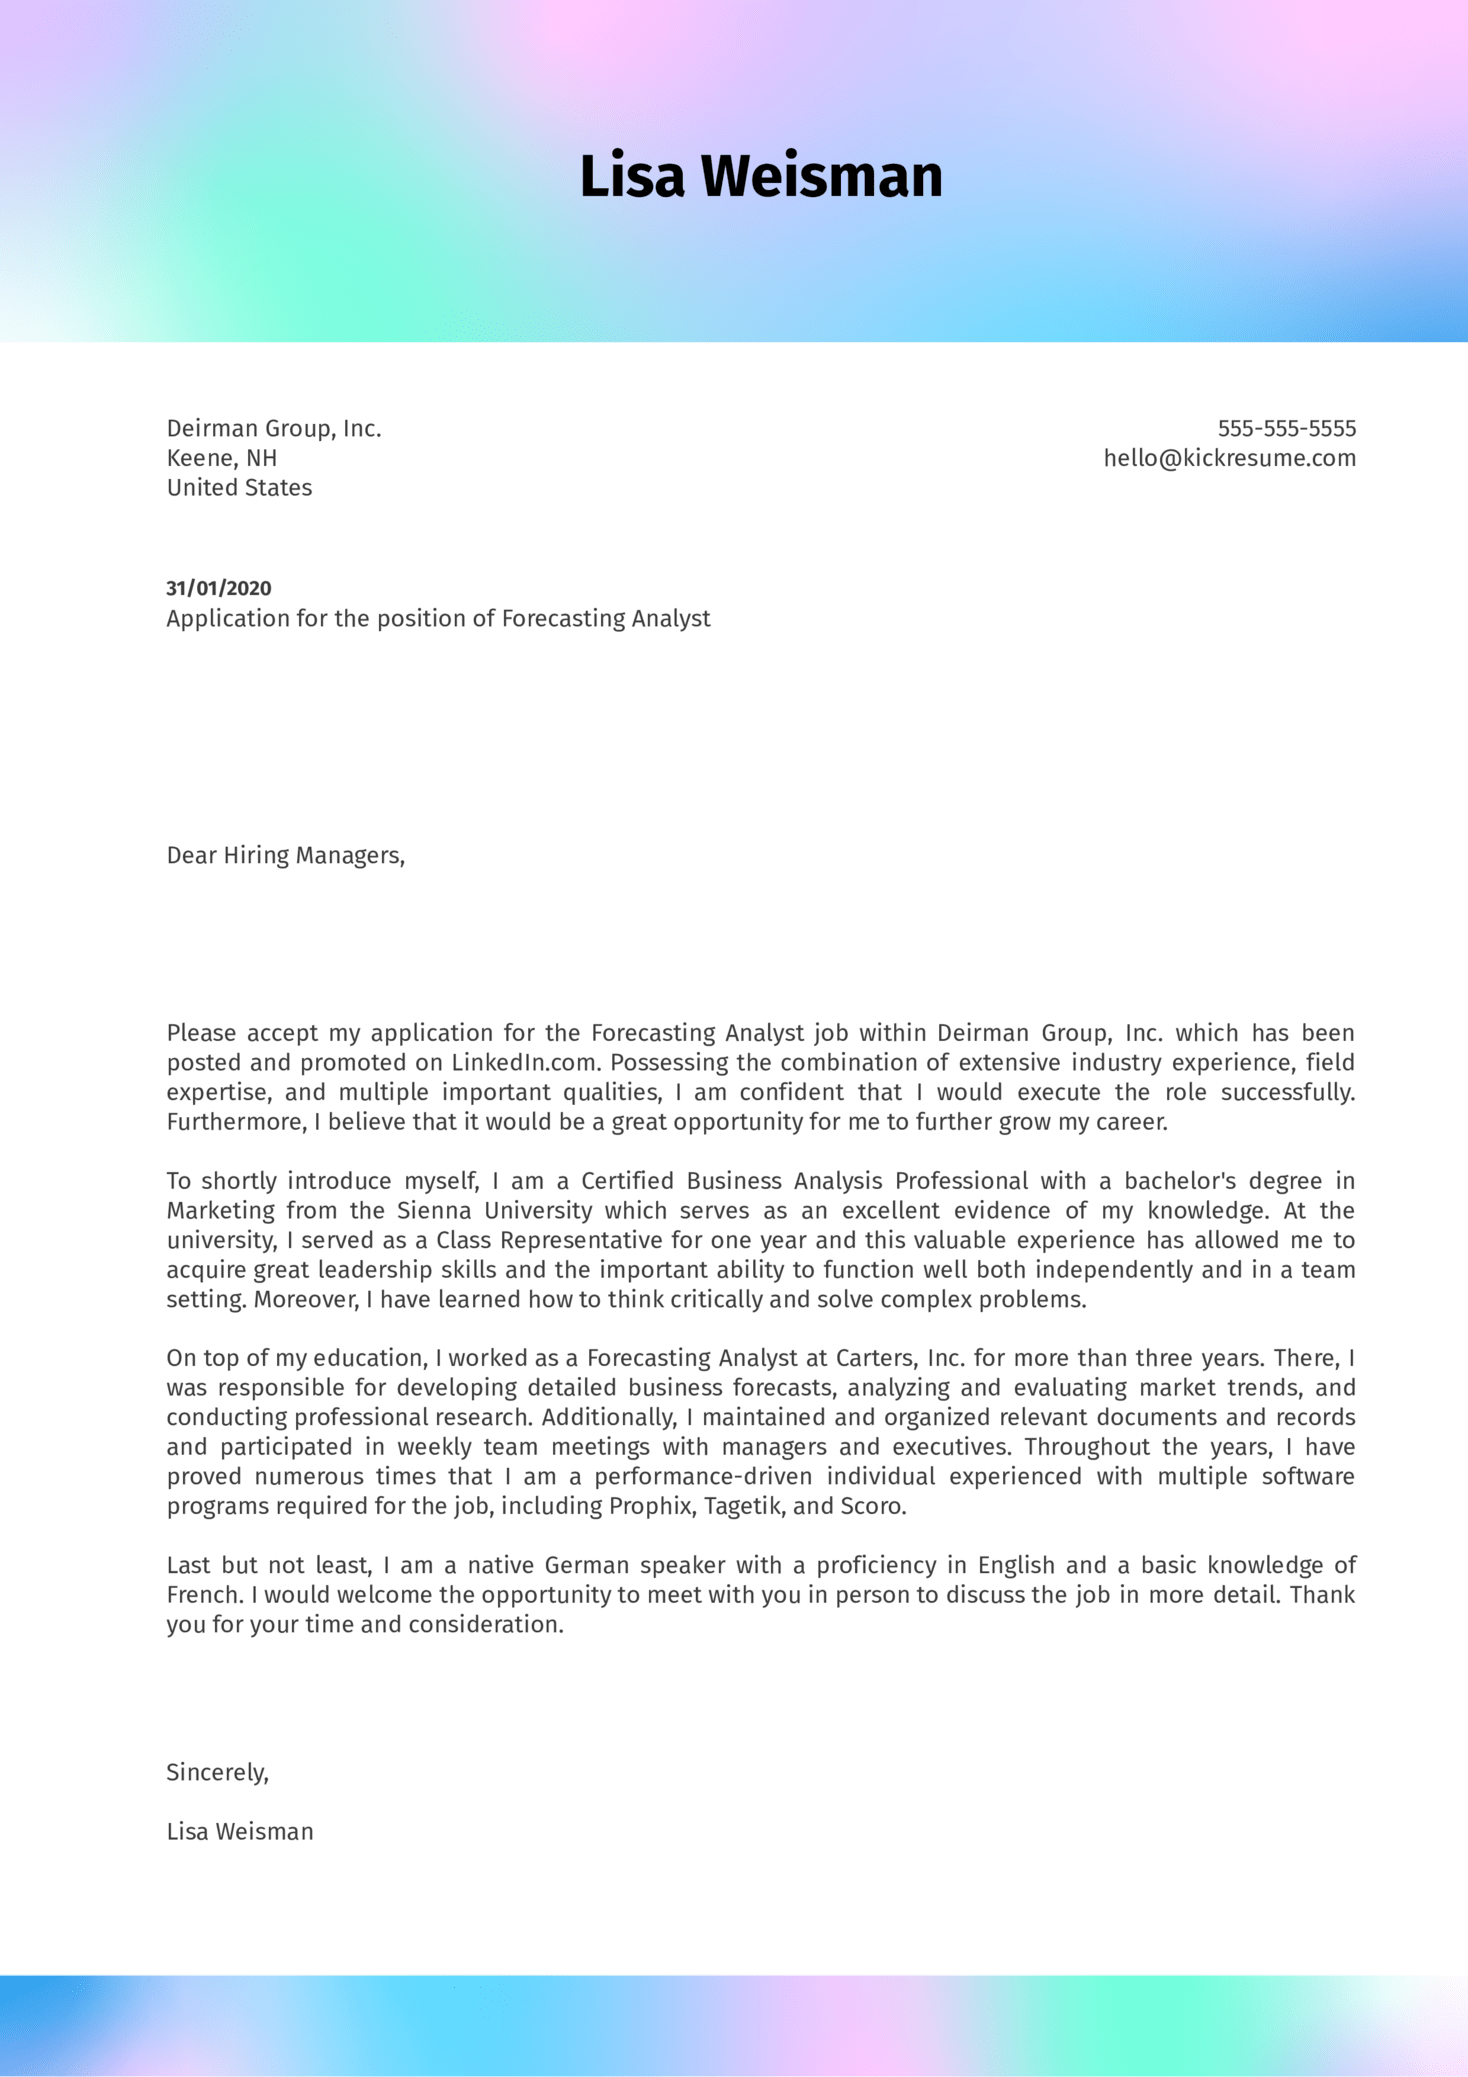 Forecasting Analyst Cover Letter Sample